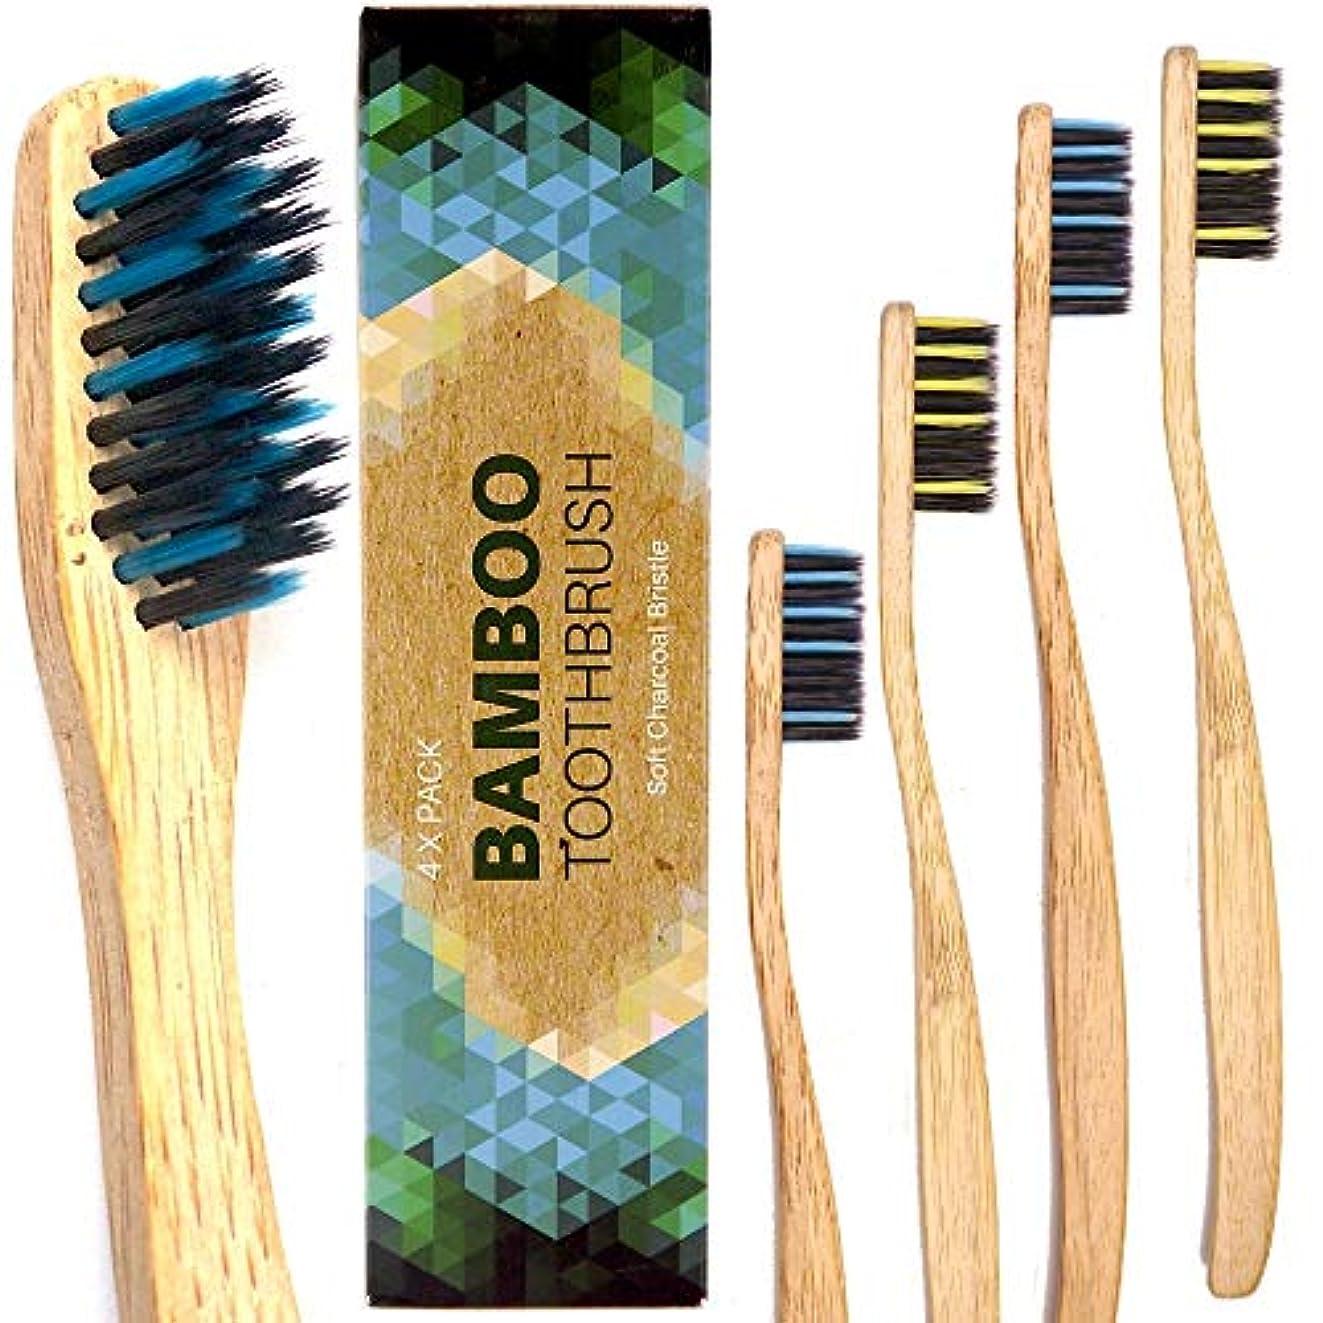 広い受粉するバンク竹製歯ブラシ。チャコールブリストル大人 - ミディアム及びソフト、生分解性、ビーガン、バイオ、エコ、持続可能な木製ハンドル4本パック4 Bamboo Toothbrushes, ホワイトニング 歯, ドイツの品質, 竹歯ブラシ